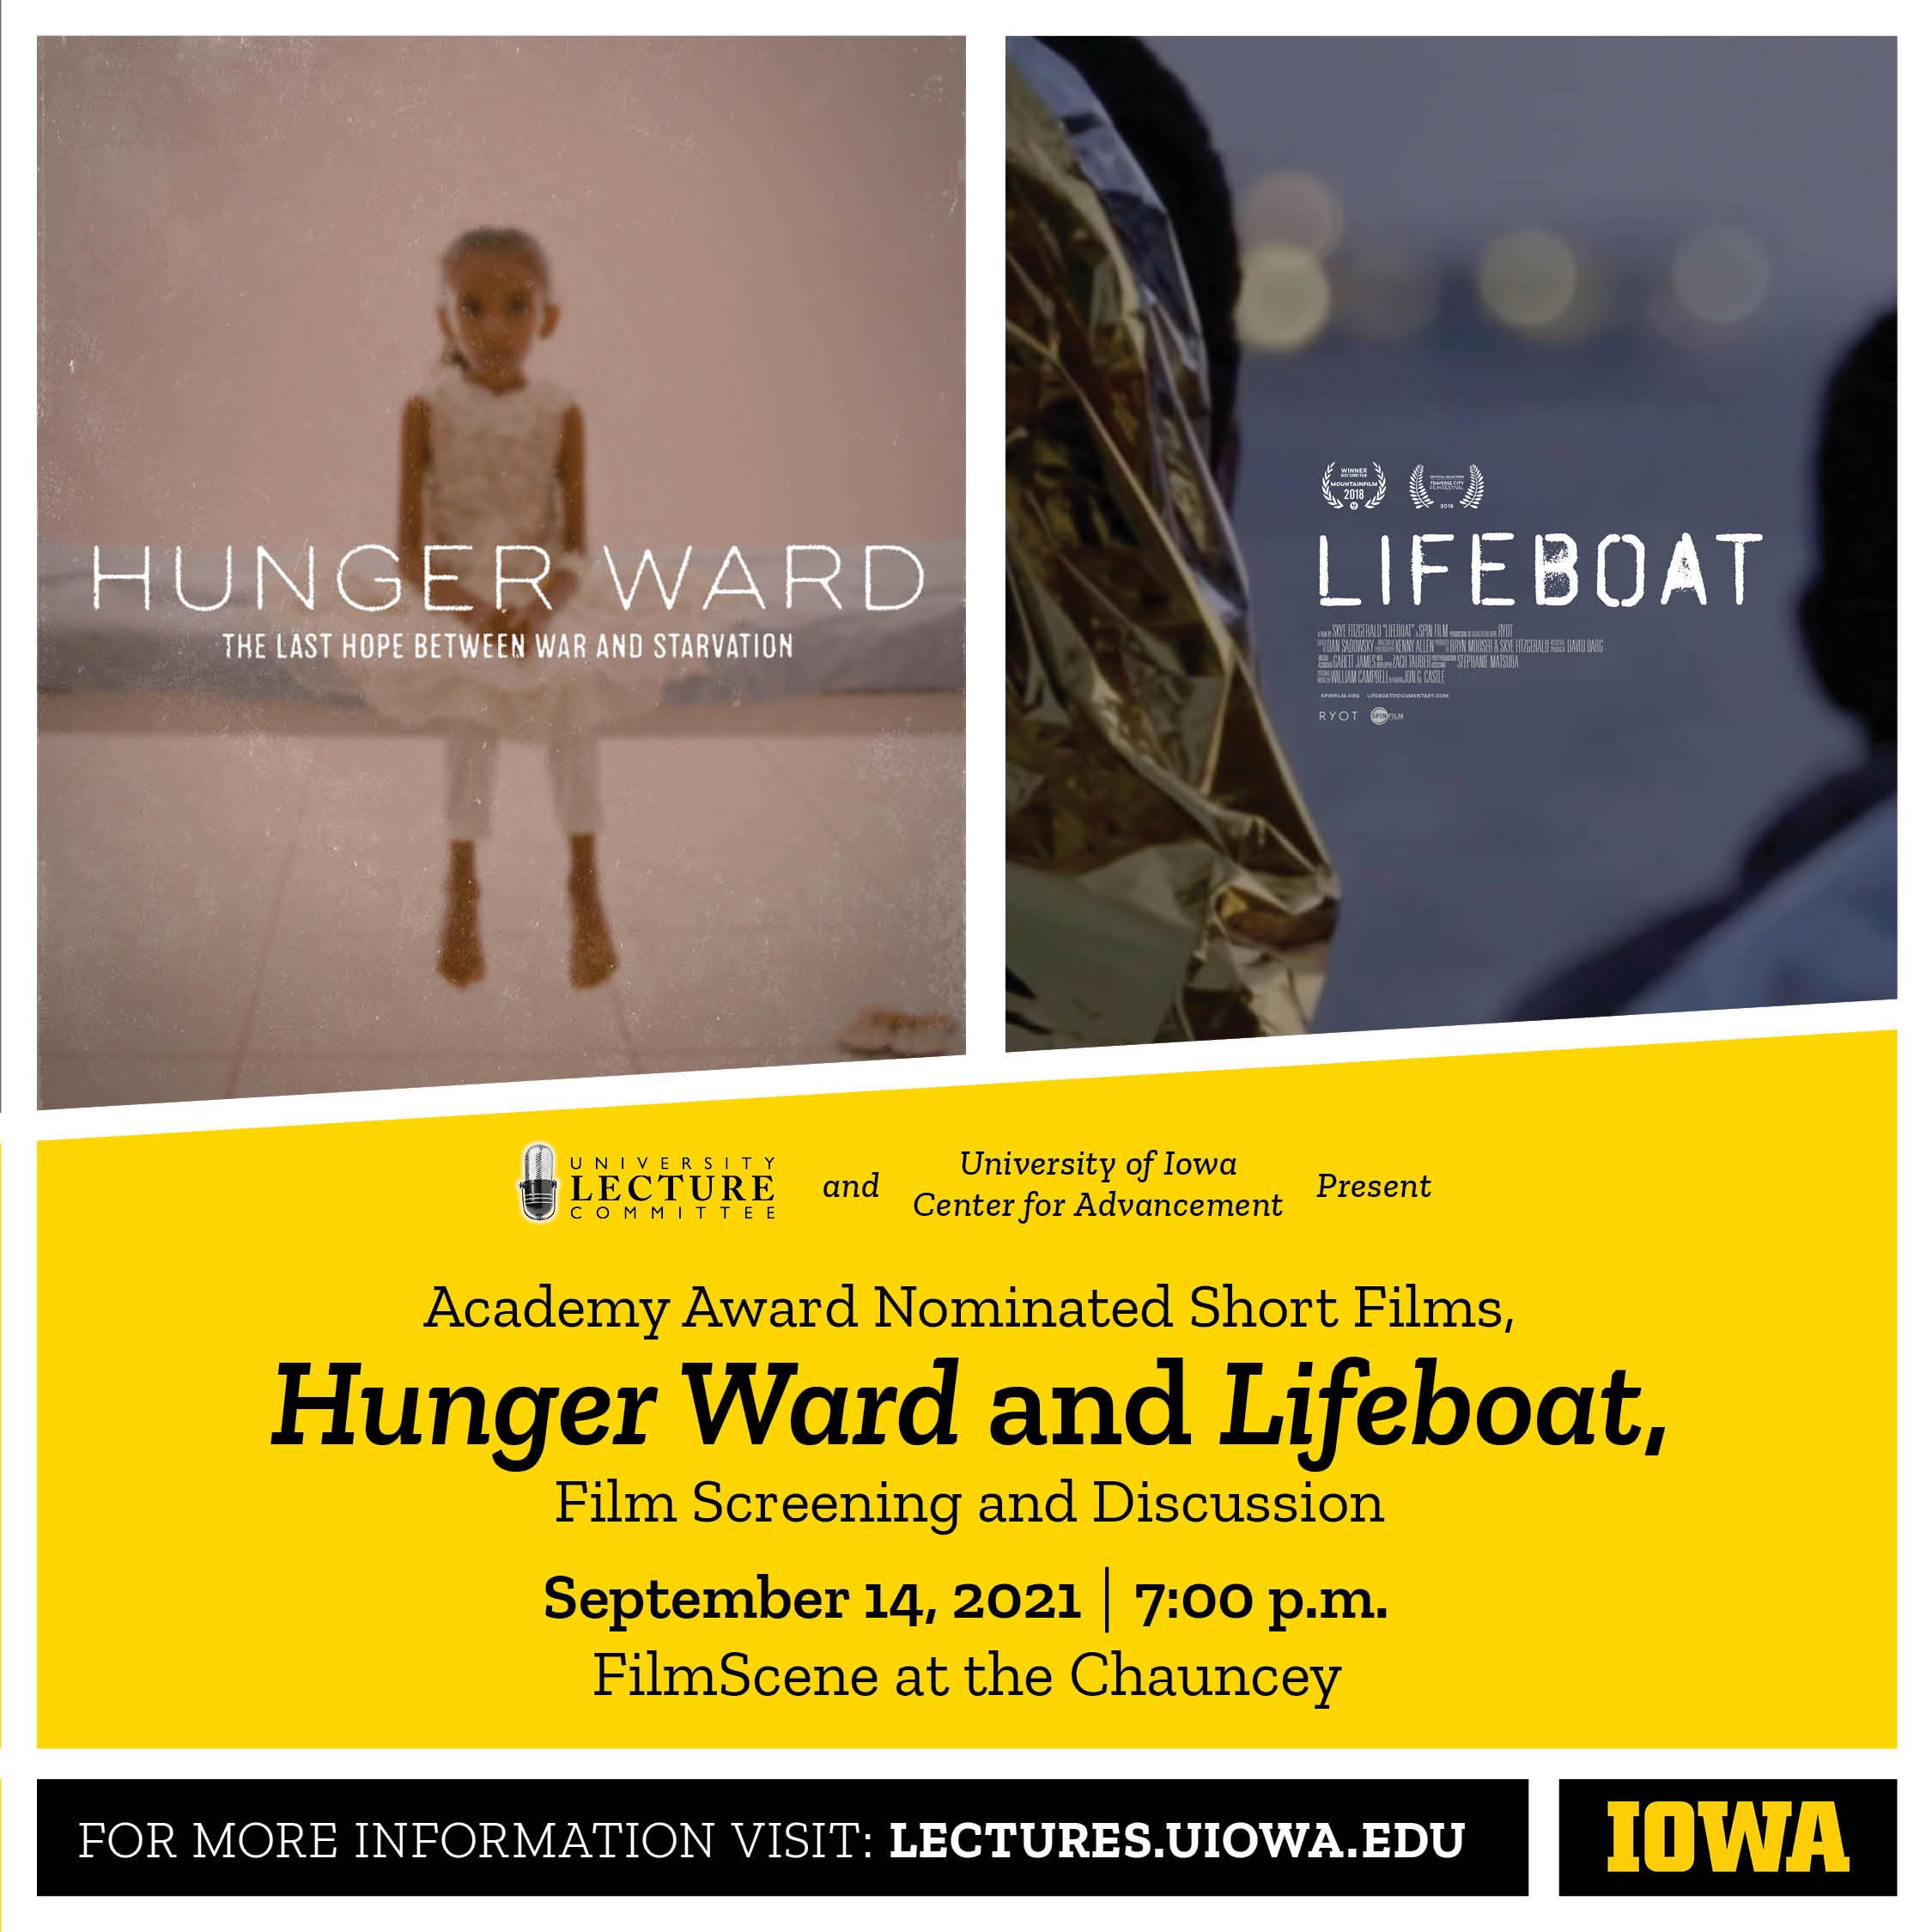 Hunger Ward and Lifeboat